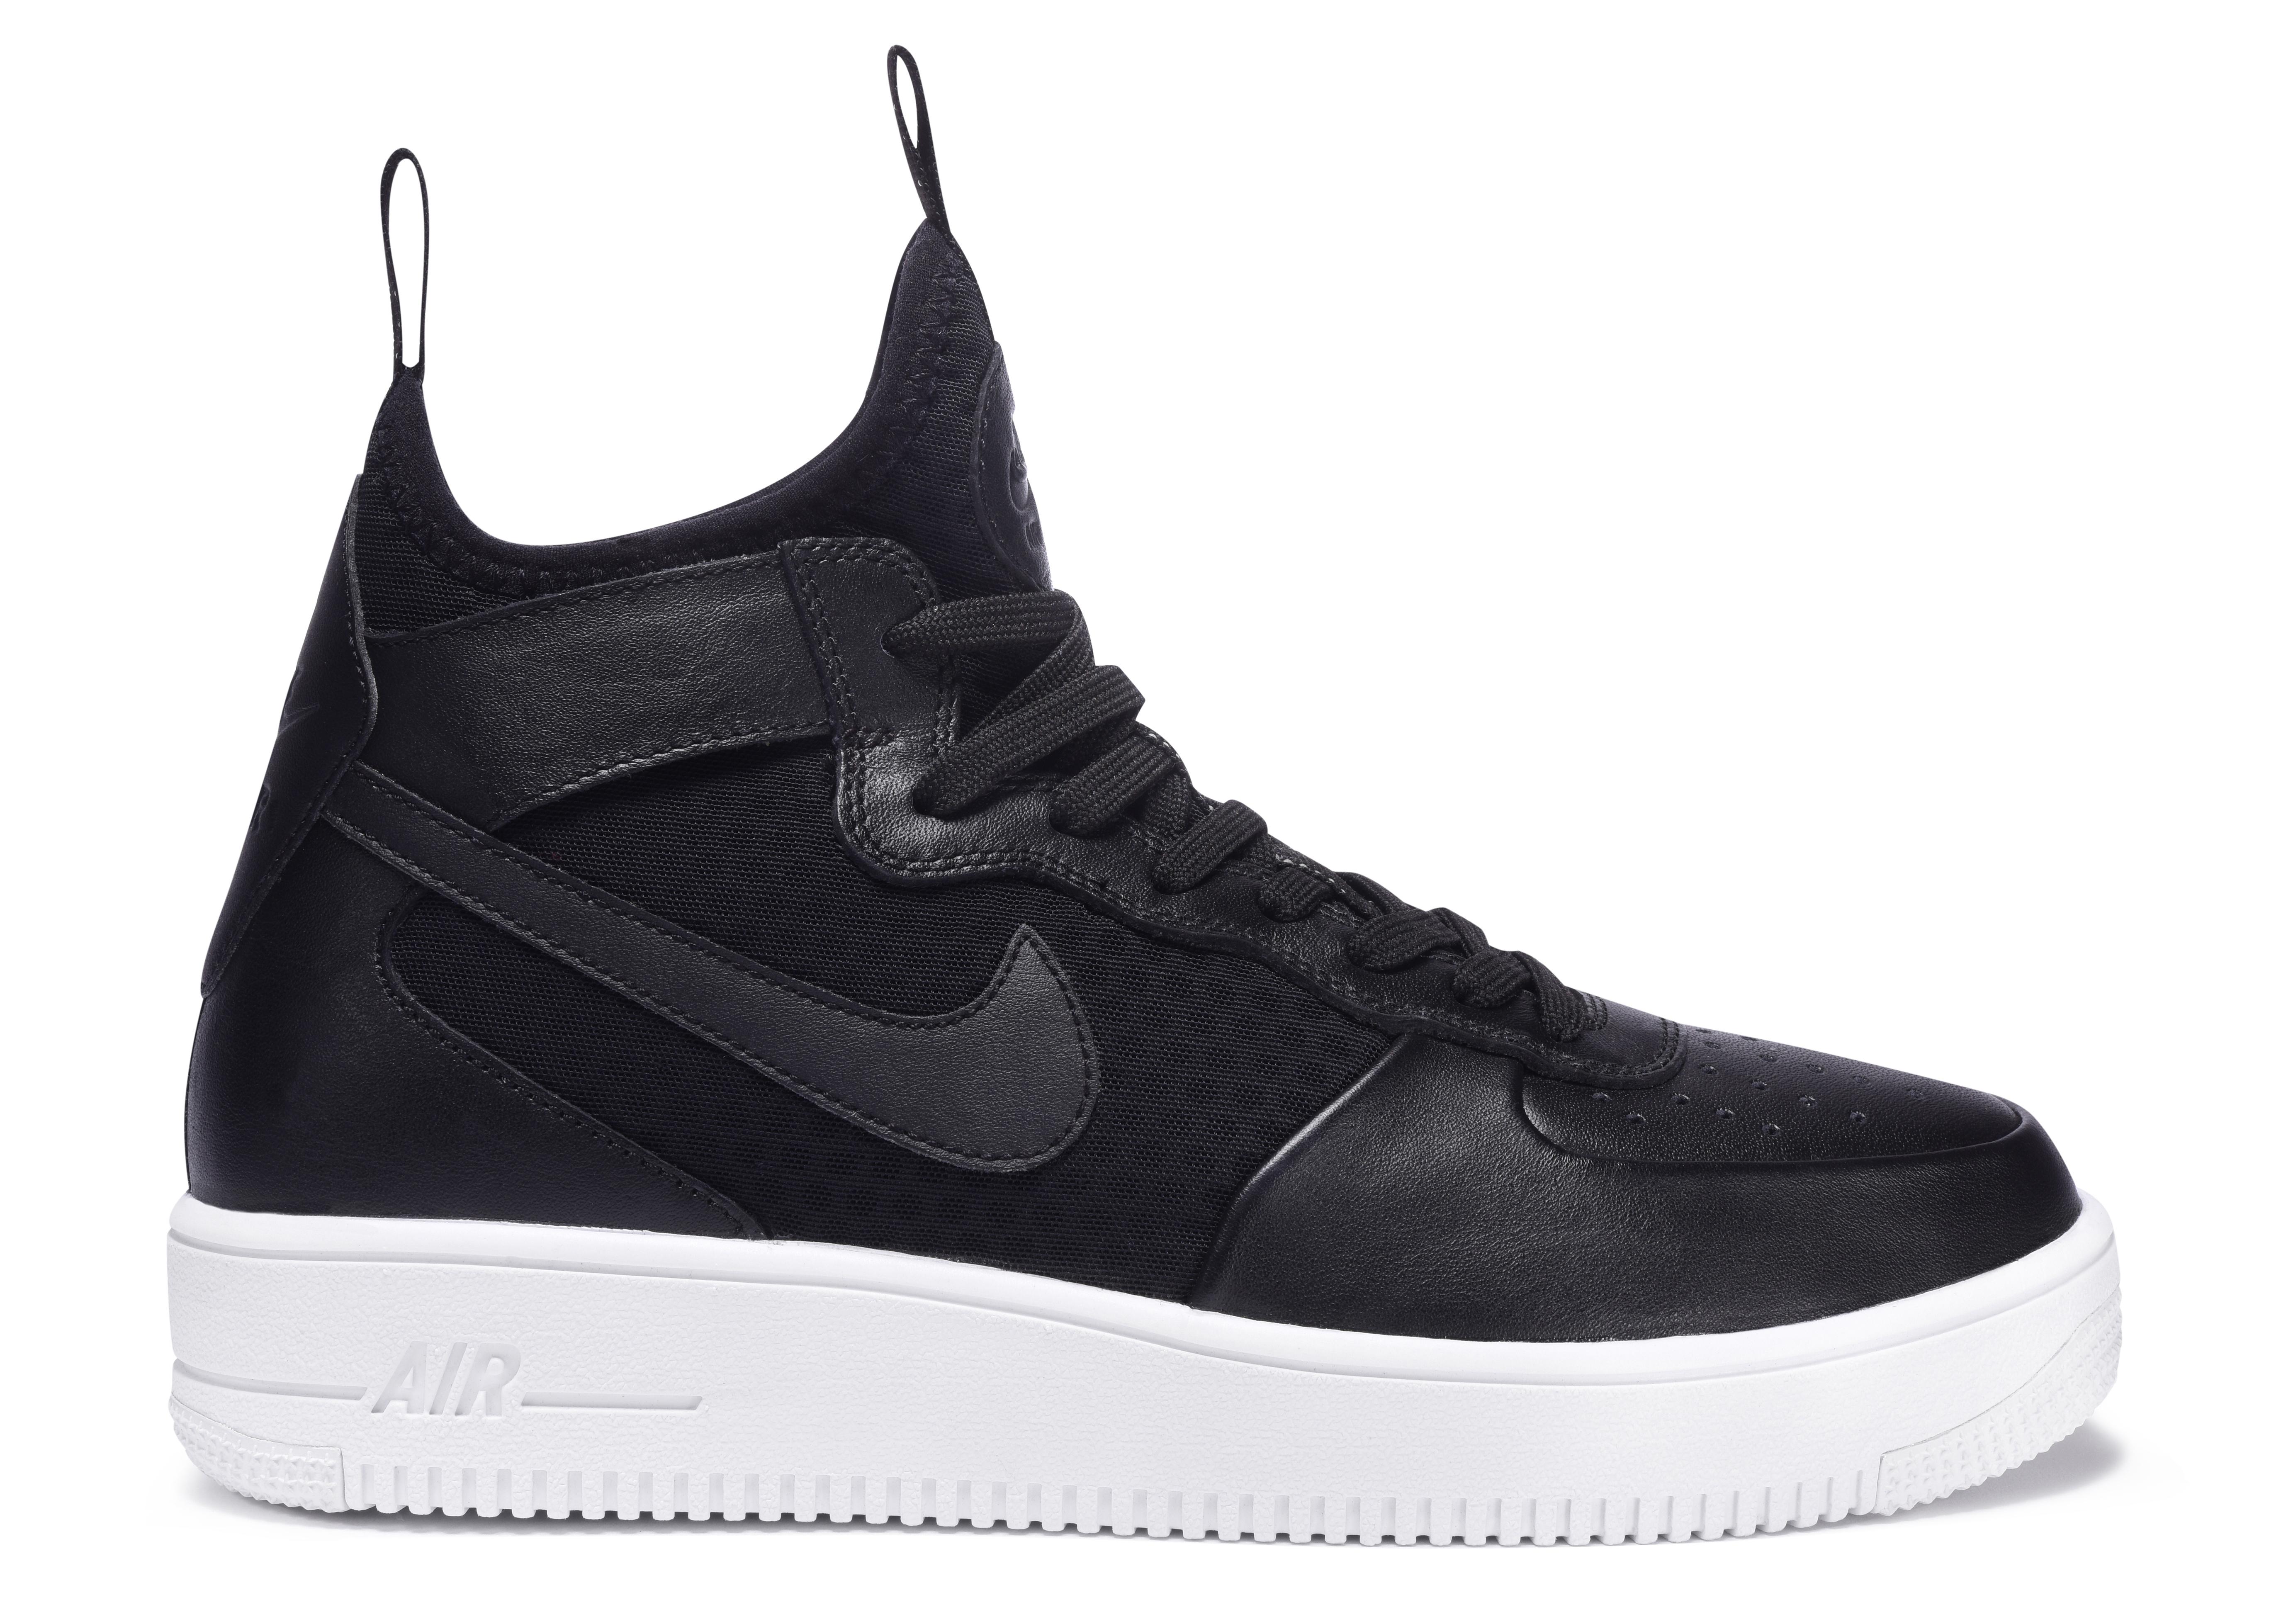 Nike AF 1 Ultra Force Mid Black Black